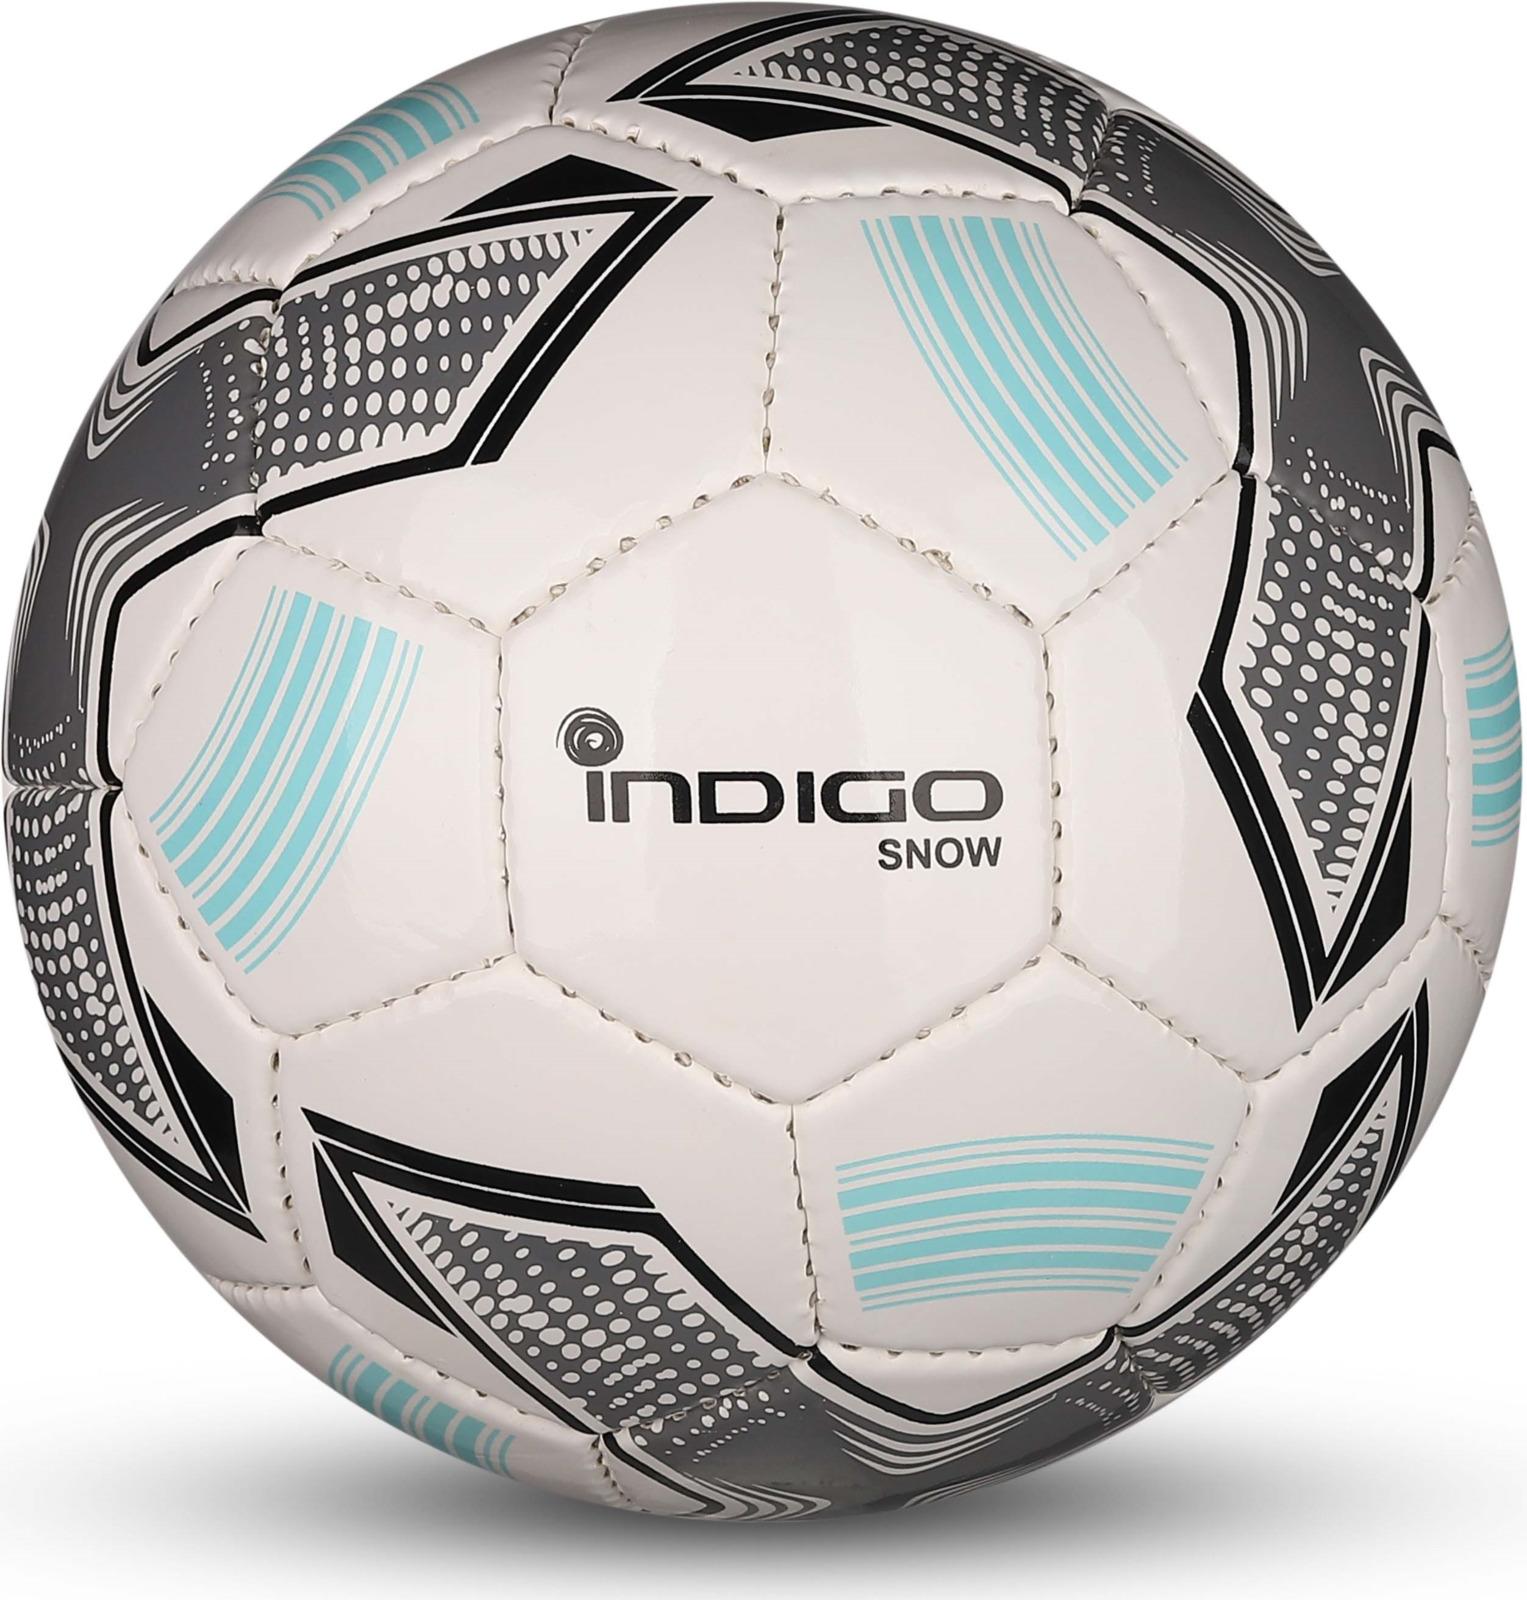 Мяч футбольный Indigo Snow, IN029, белый, голубой, серый, размер 2 мяч футбольный indigo rain in031 белый синий желтый размер 3